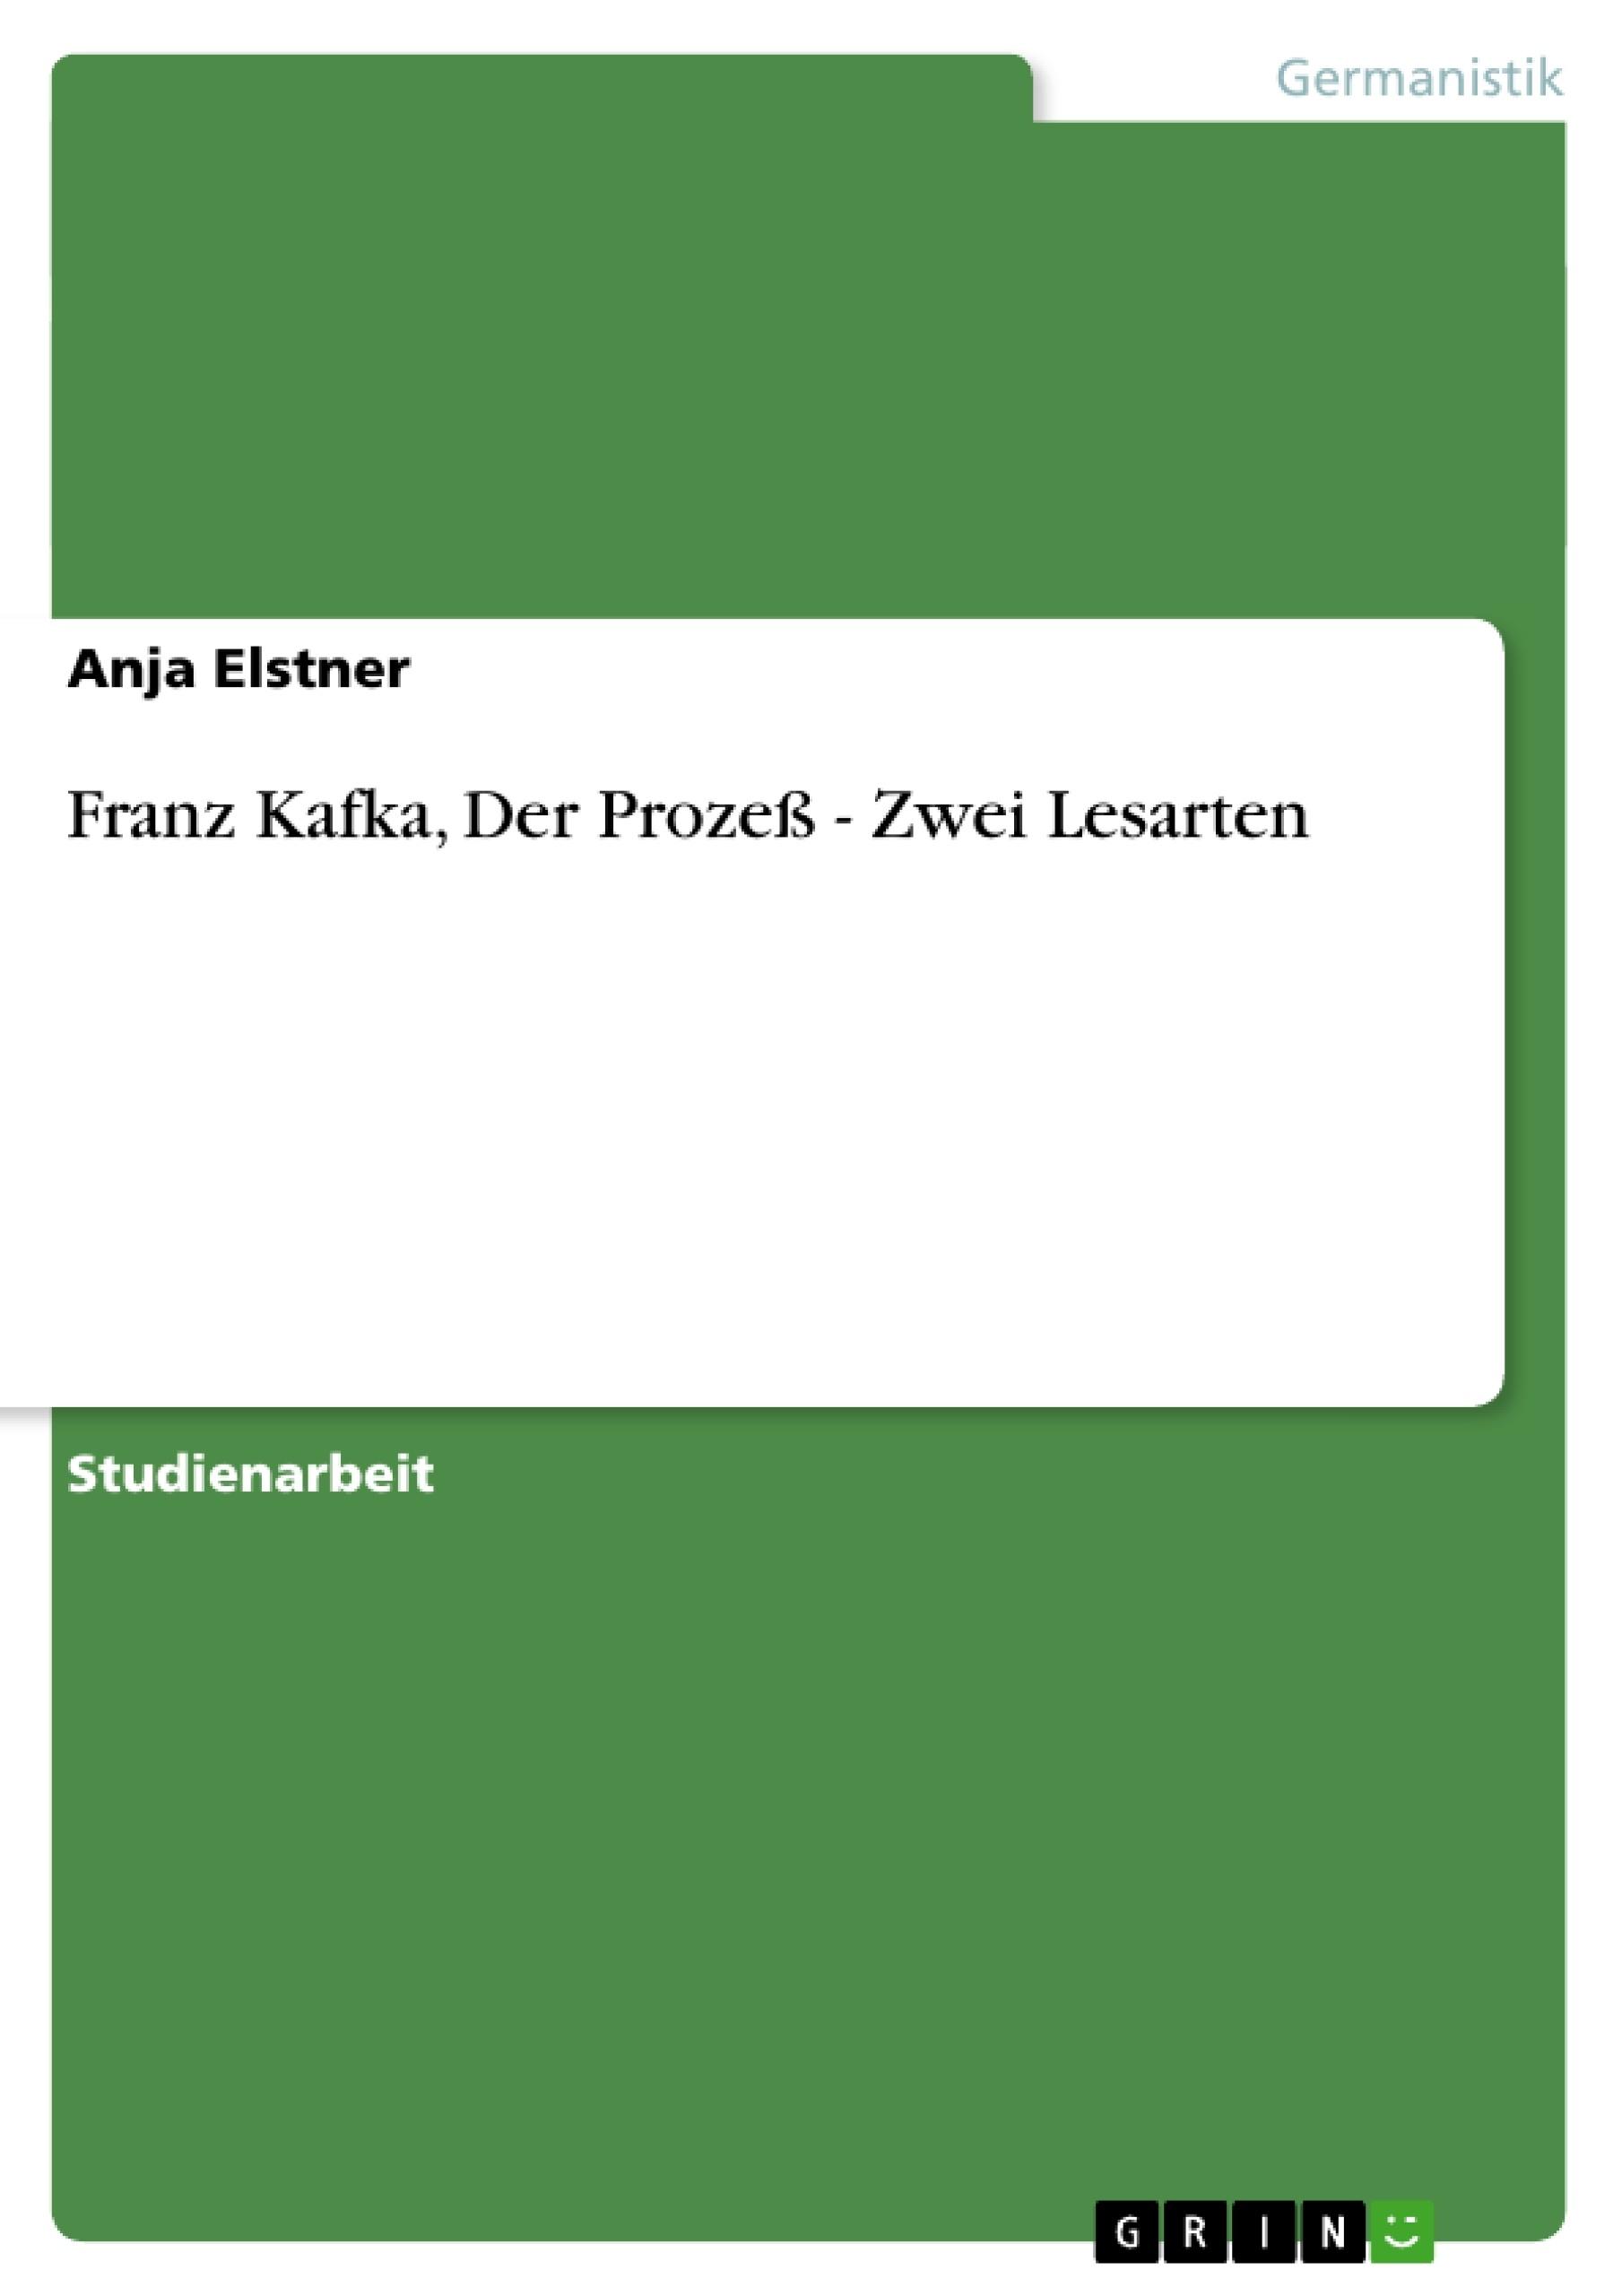 Titel: Franz Kafka, Der Prozeß - Zwei Lesarten